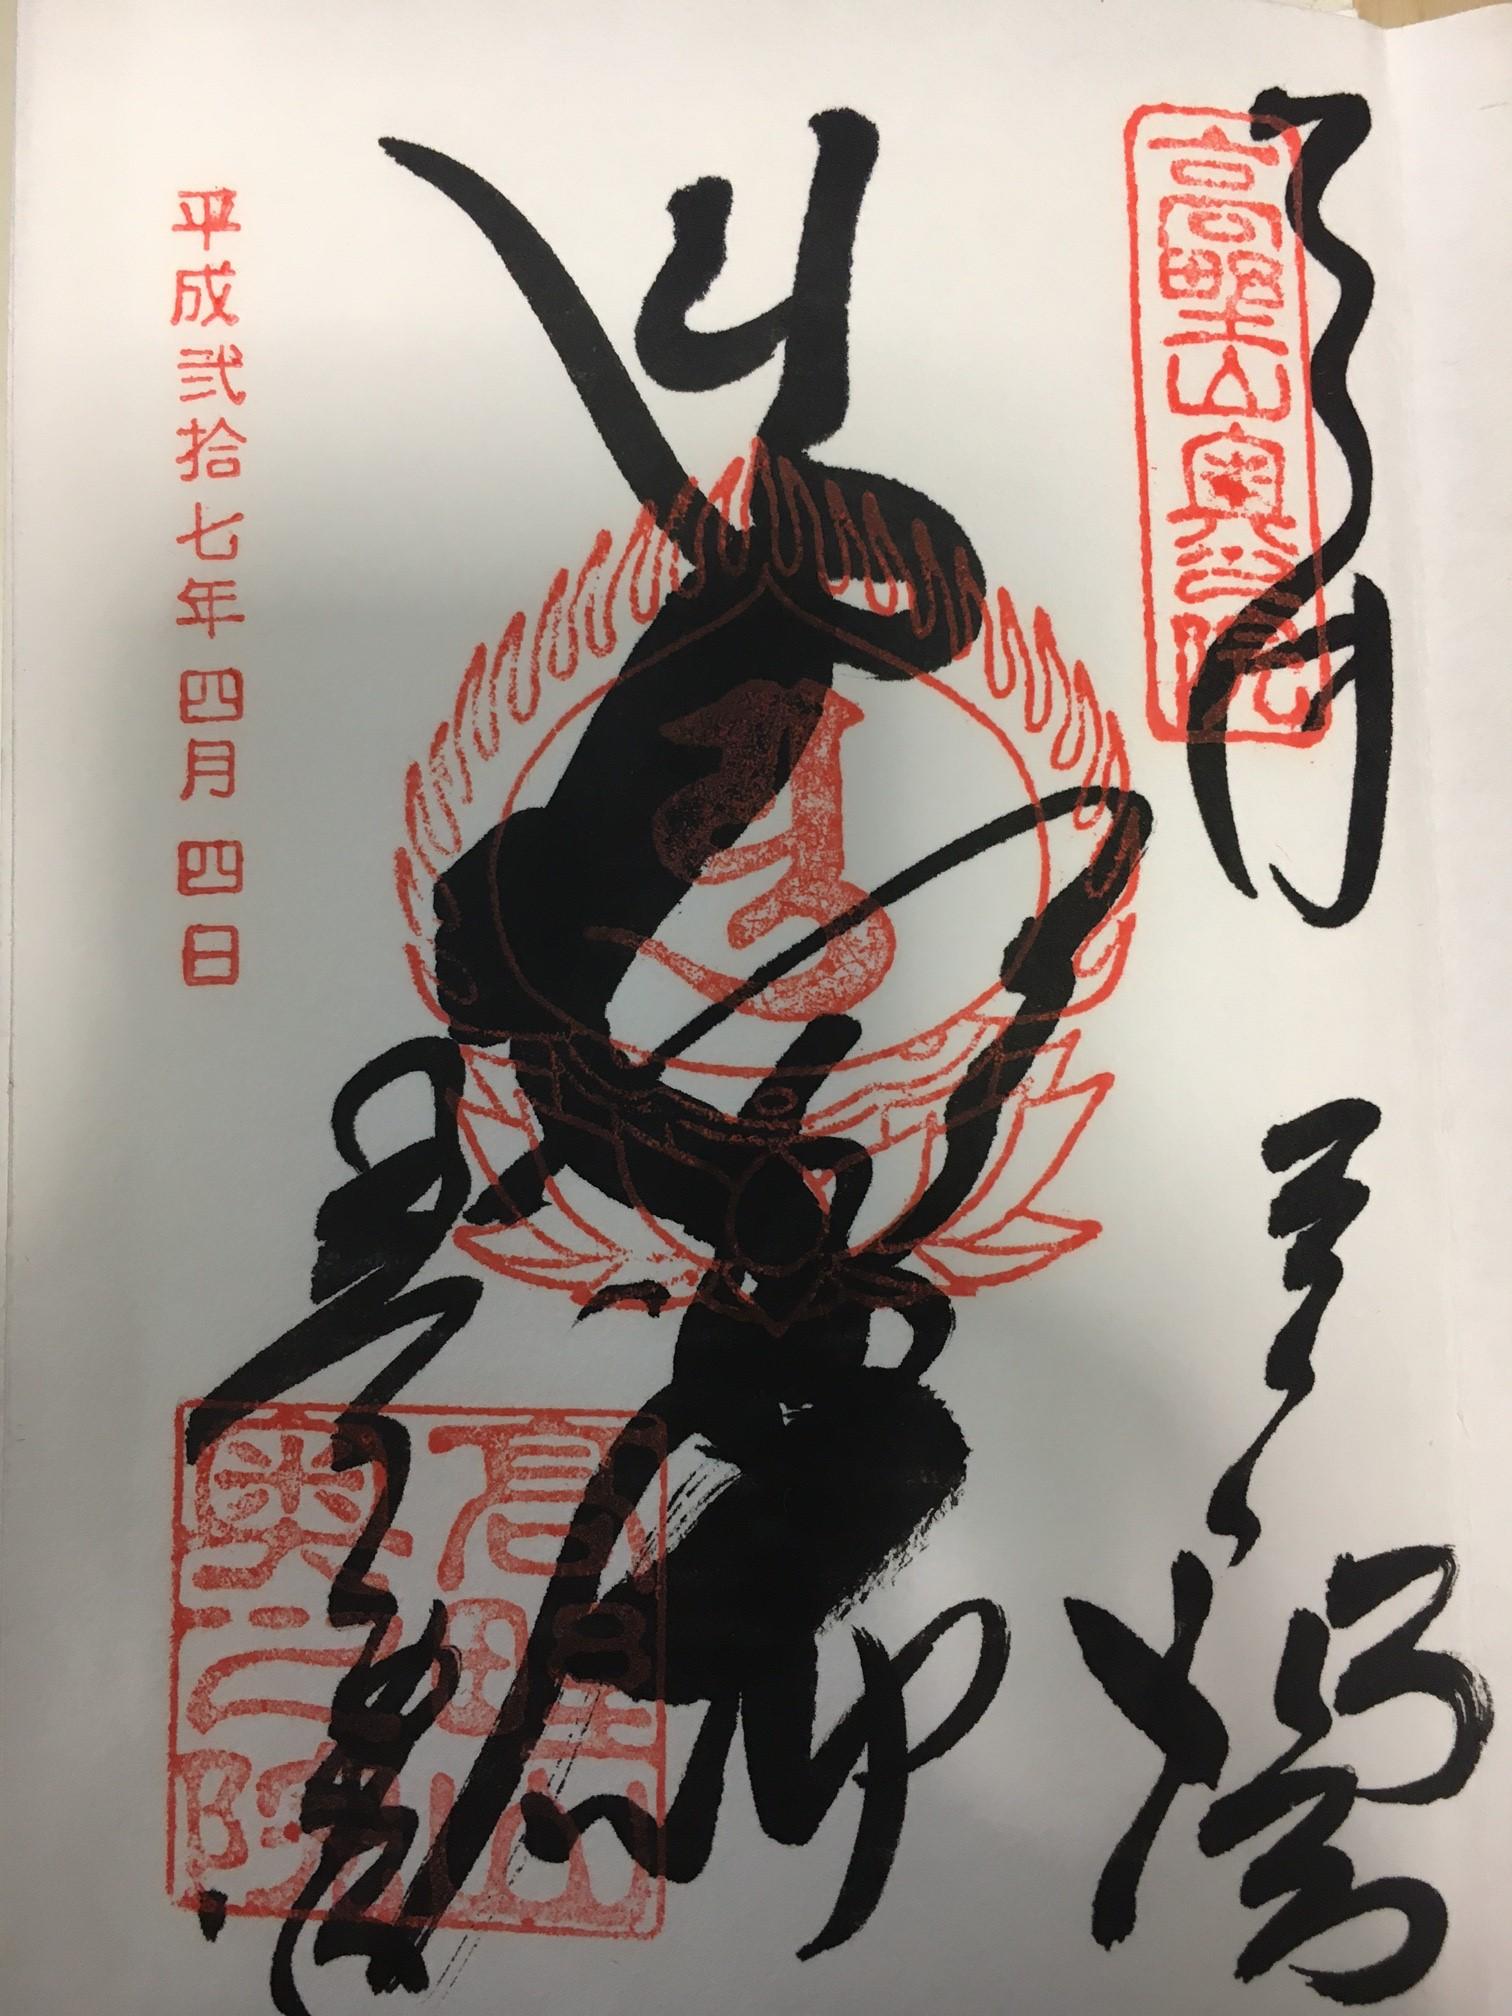 ตราประทับศักดิ์สิทธิ์ของวัดหรือศาลเจ้าญี่ปุ่น